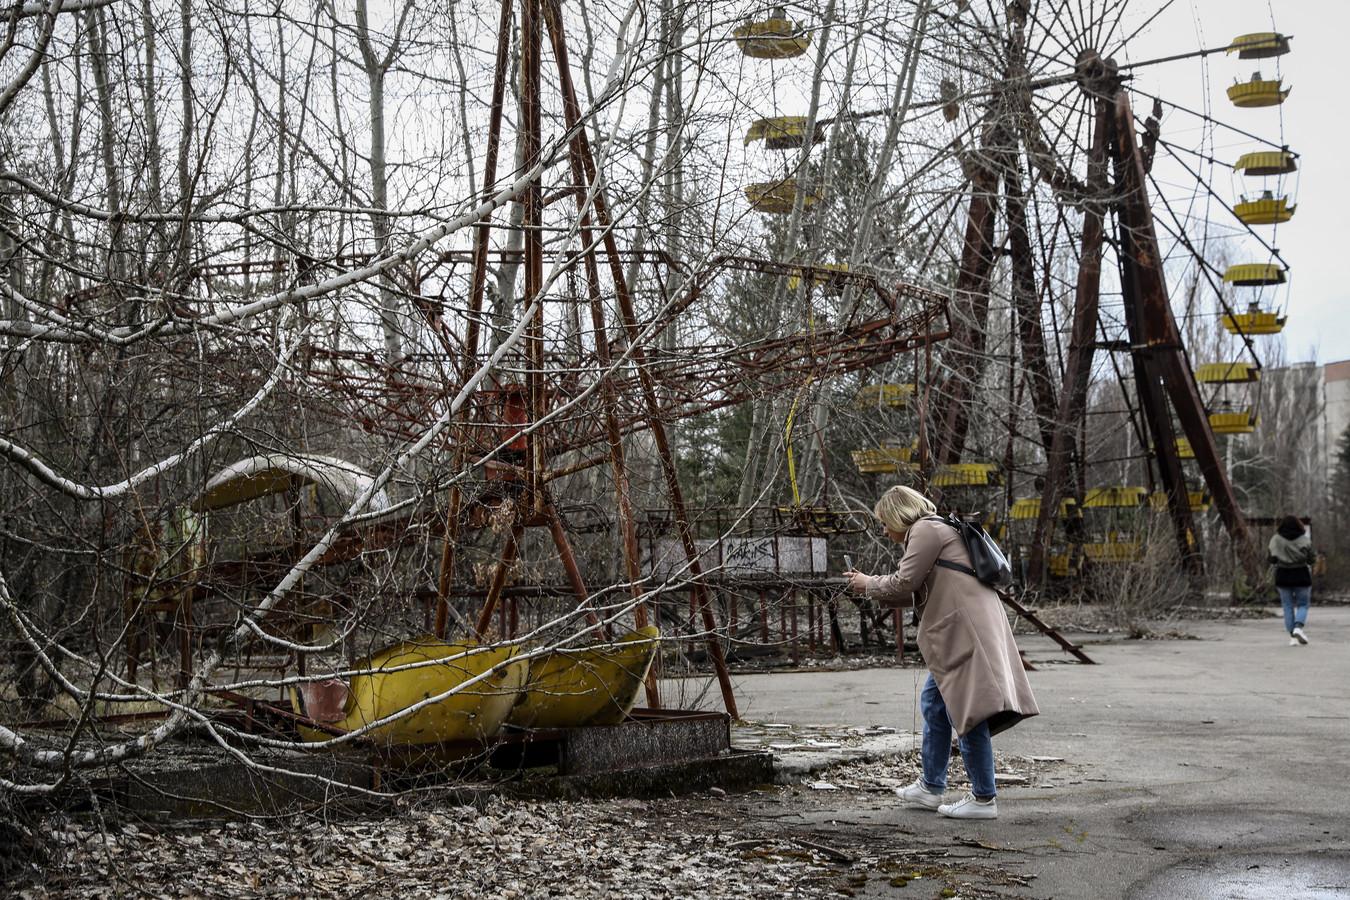 Pripjat ligt vlak bij Tsjernobyl en werd na de kernramp een spookstad omdat niemand er nog mocht wonen.